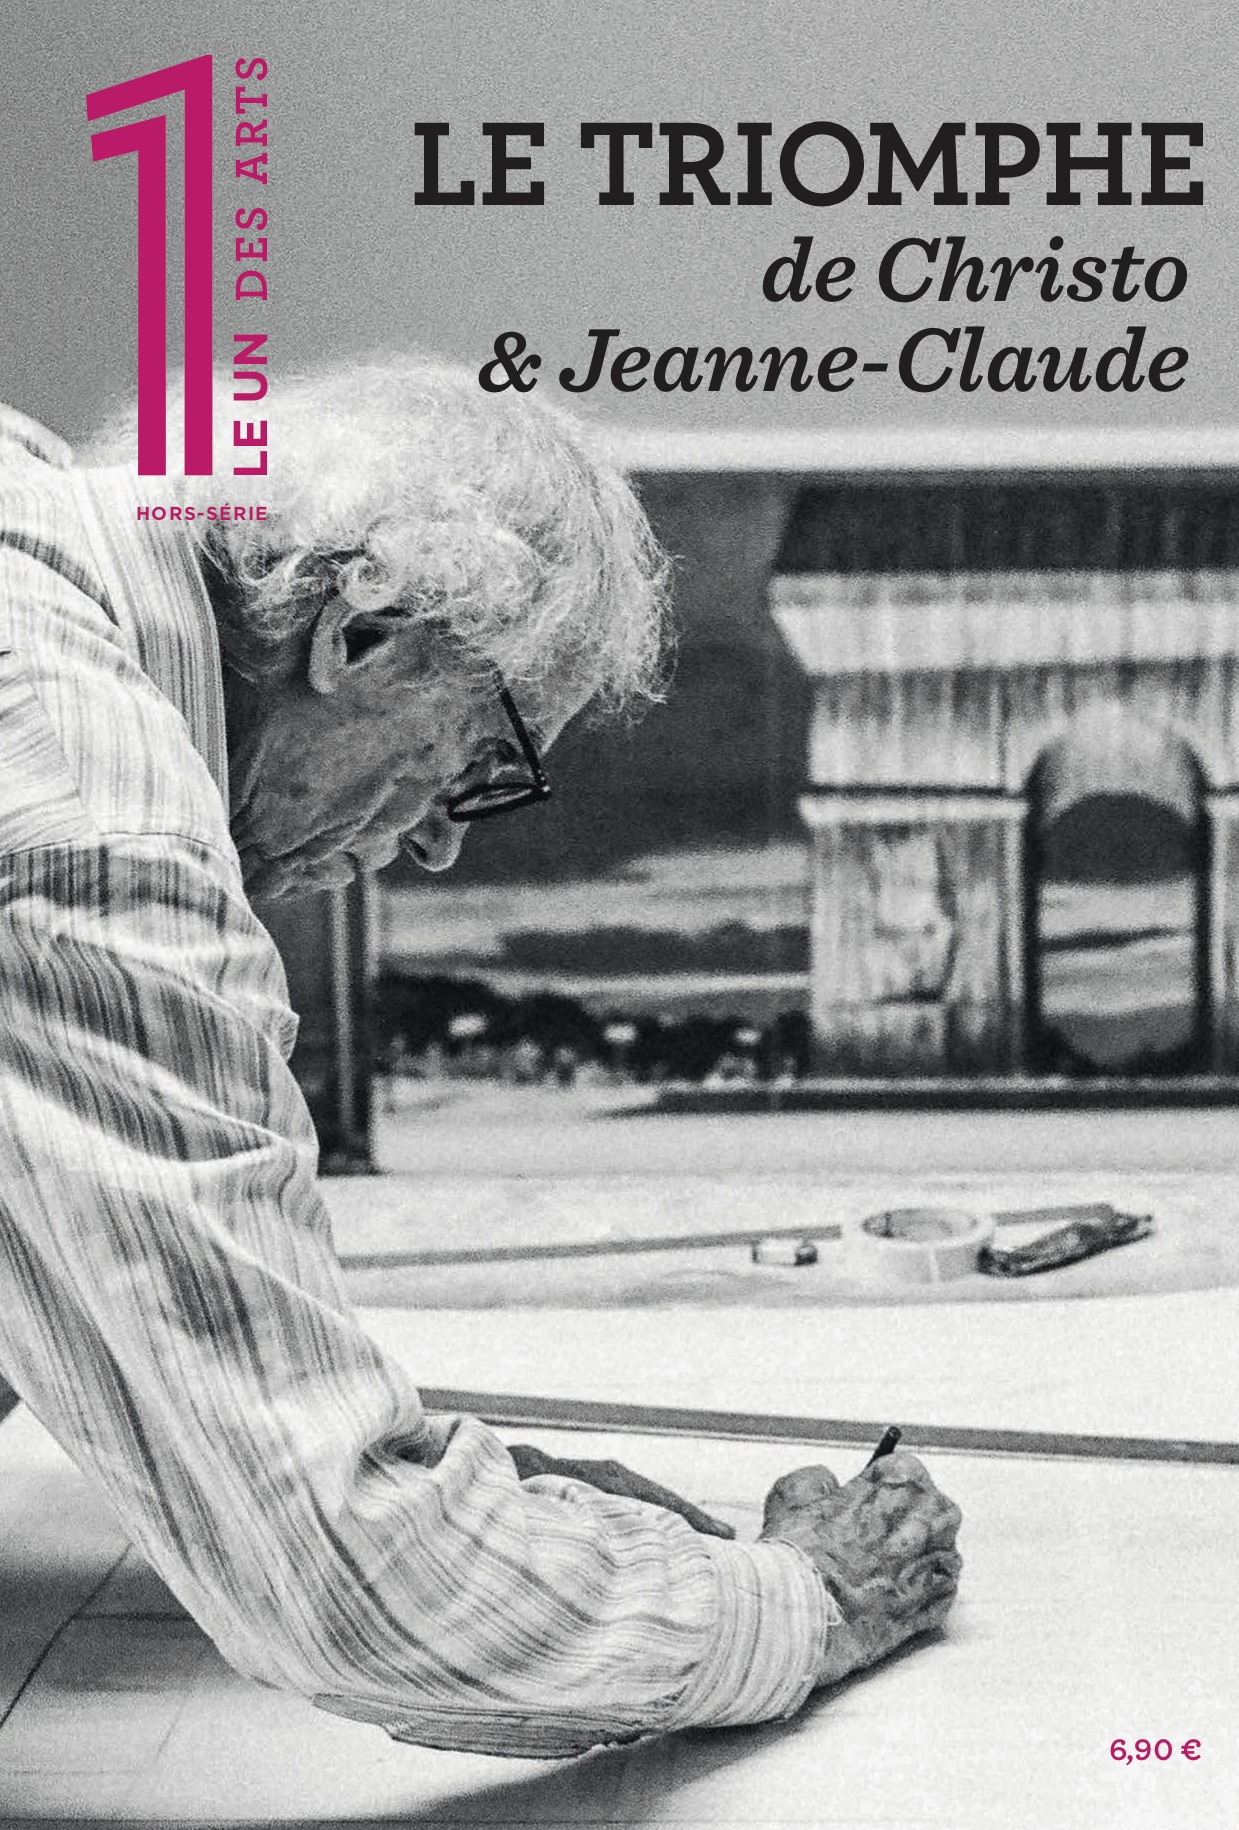 HORS-SÉRIE XL - LE TRIOMPHE DE CHRISTO & JEANNE-CLAUDE